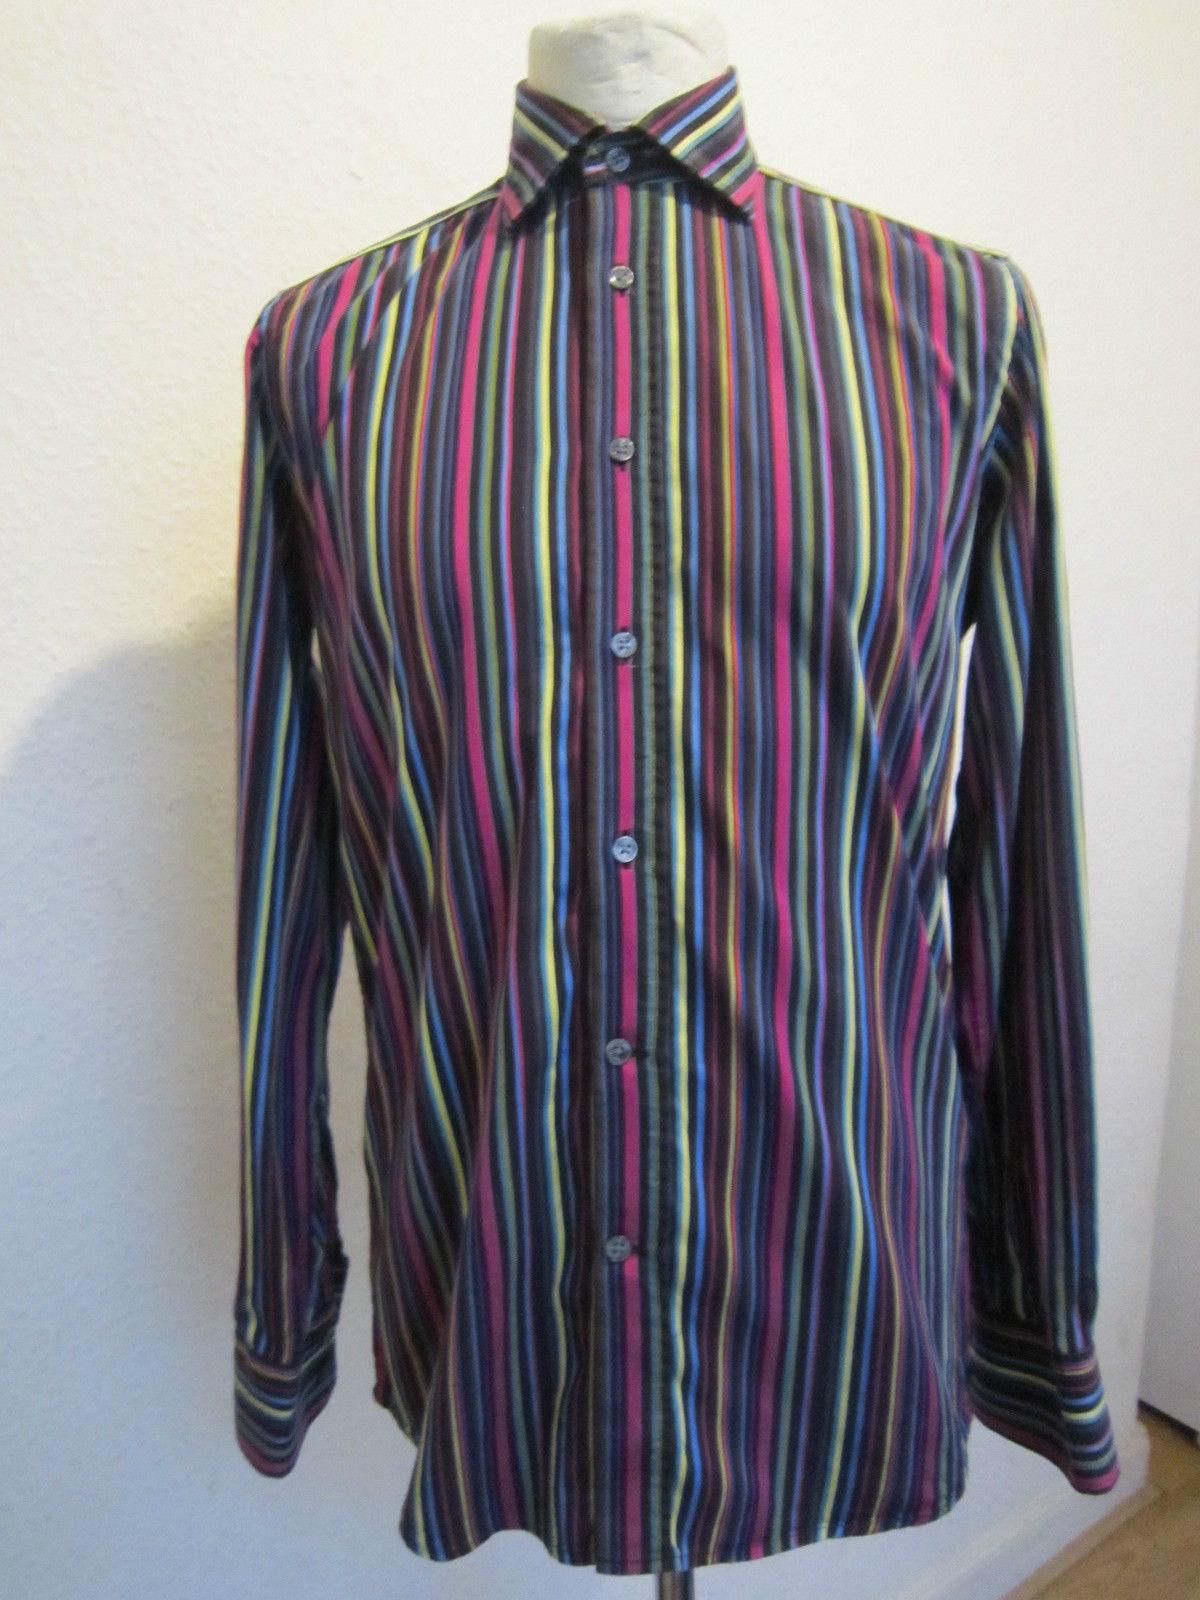 Ass Ic duchamp assic stripe tailored fit dress shirt, 16.5